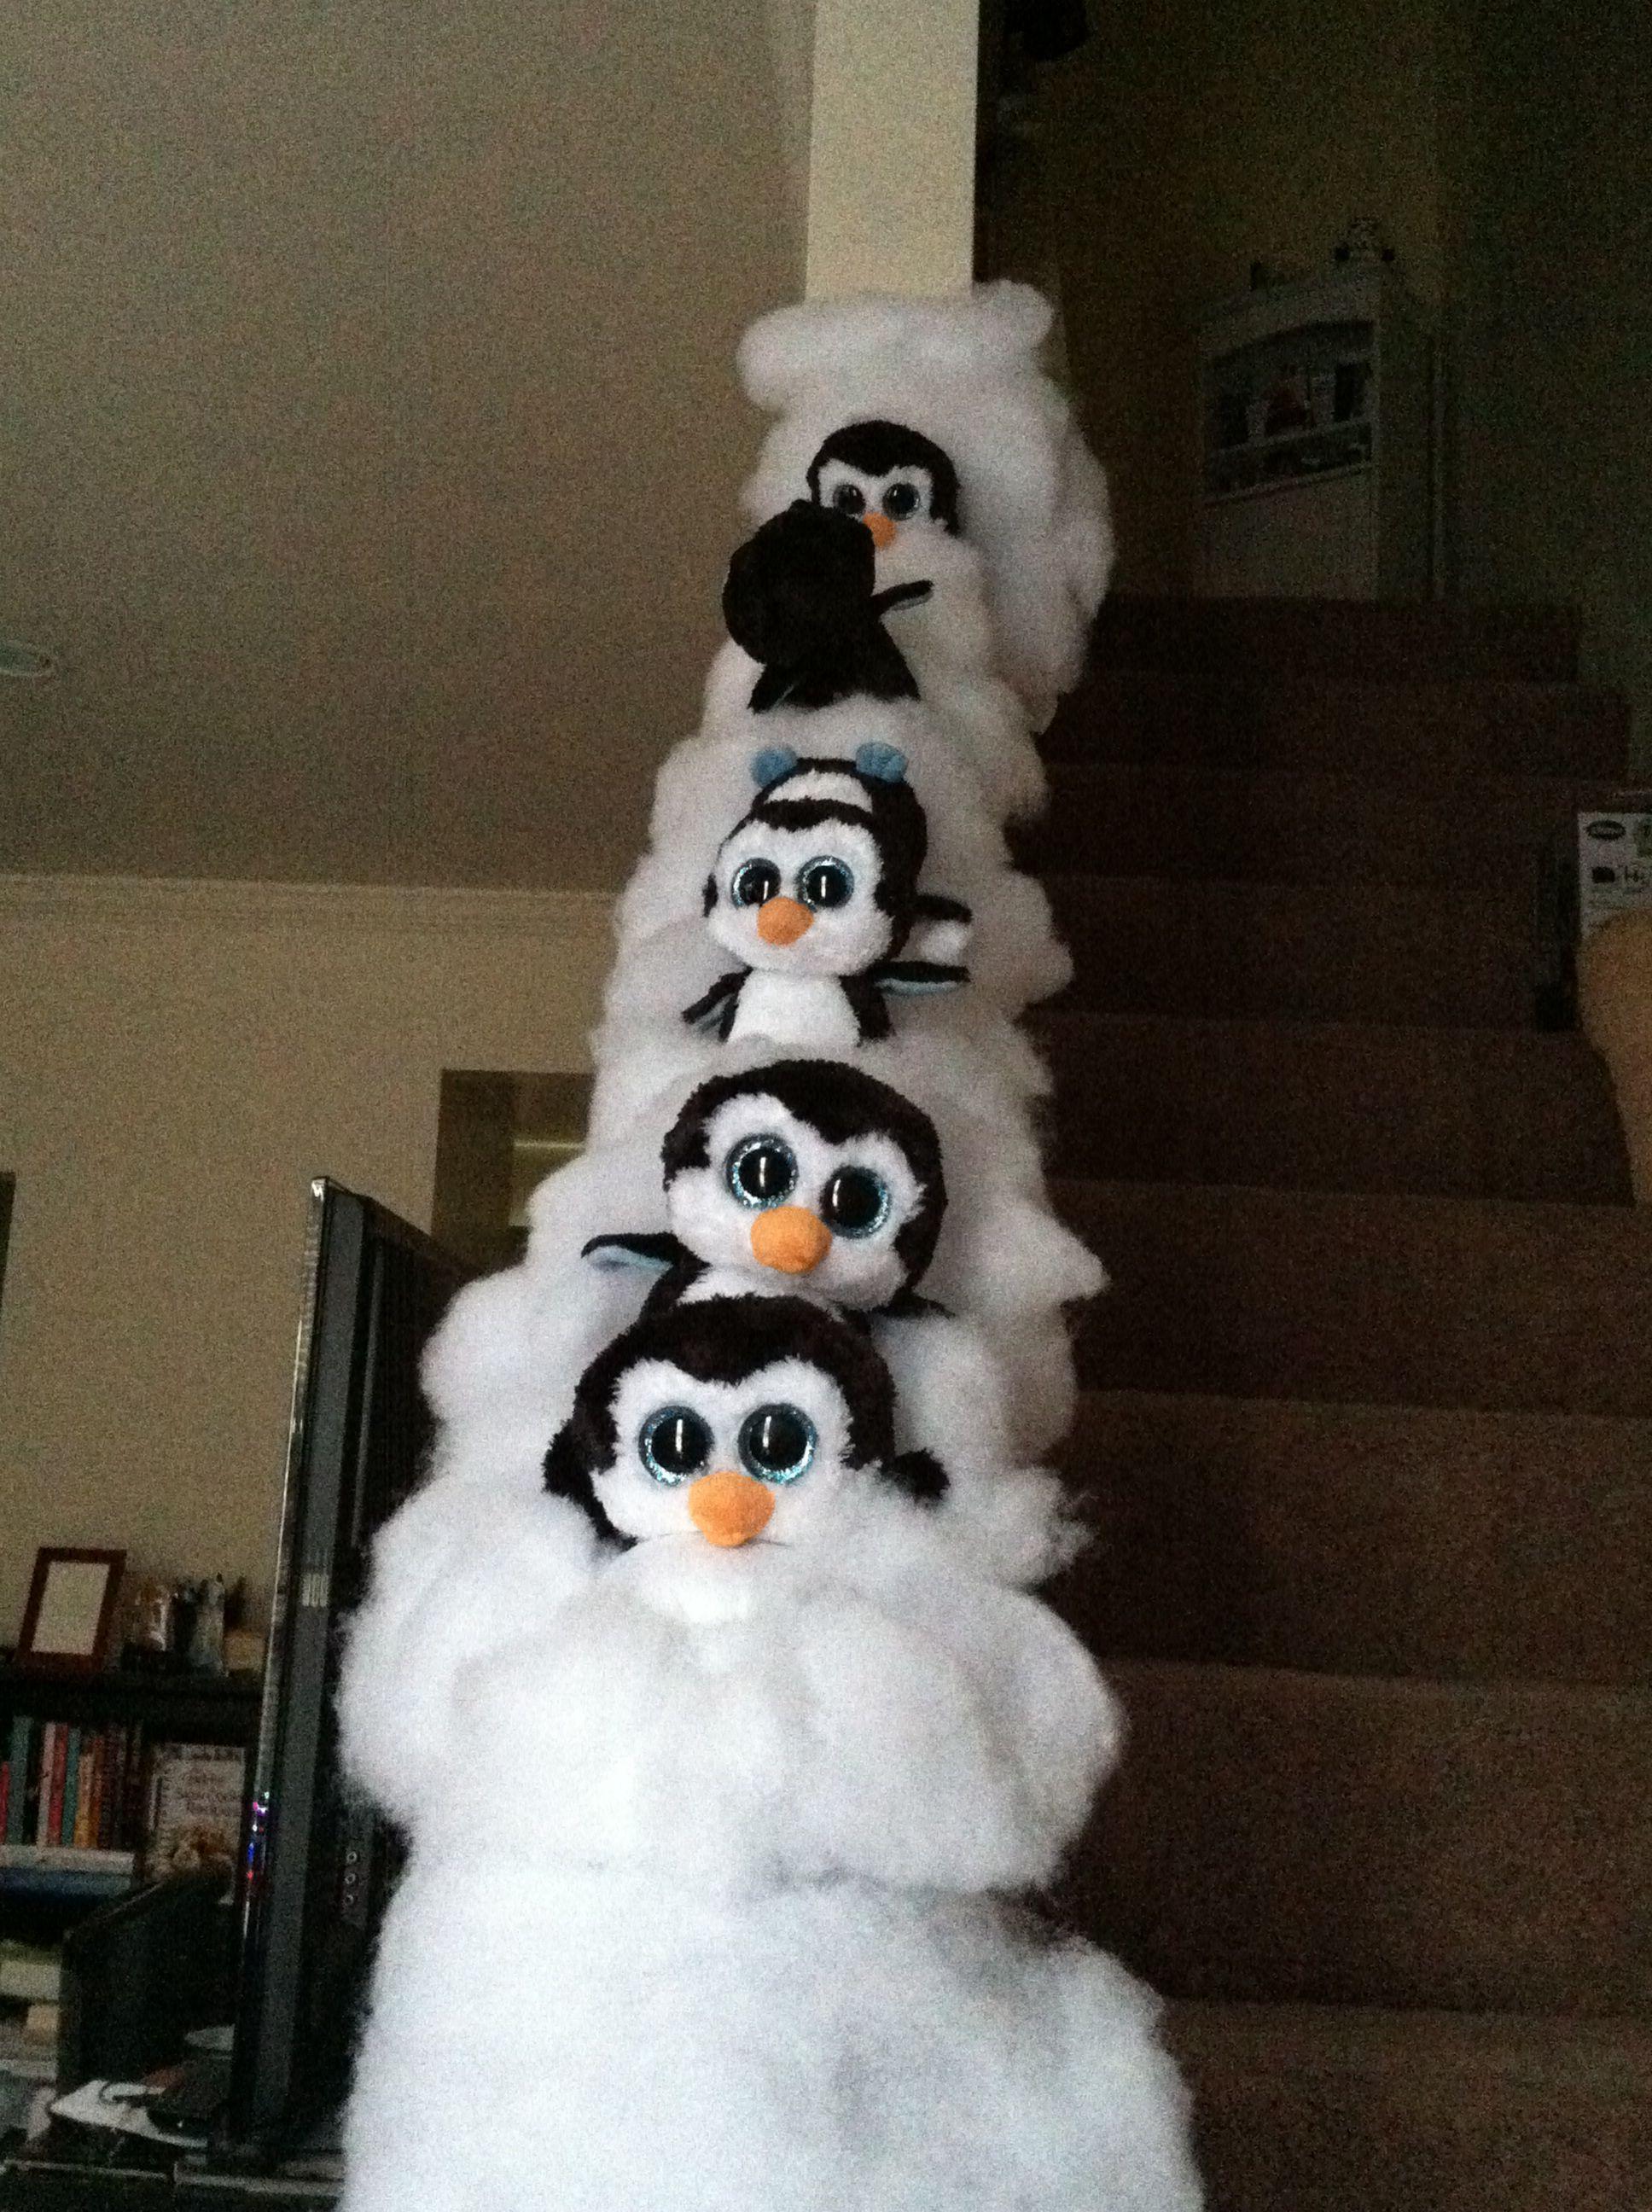 Winter Themed Banister Penguins Sliding Down Railing